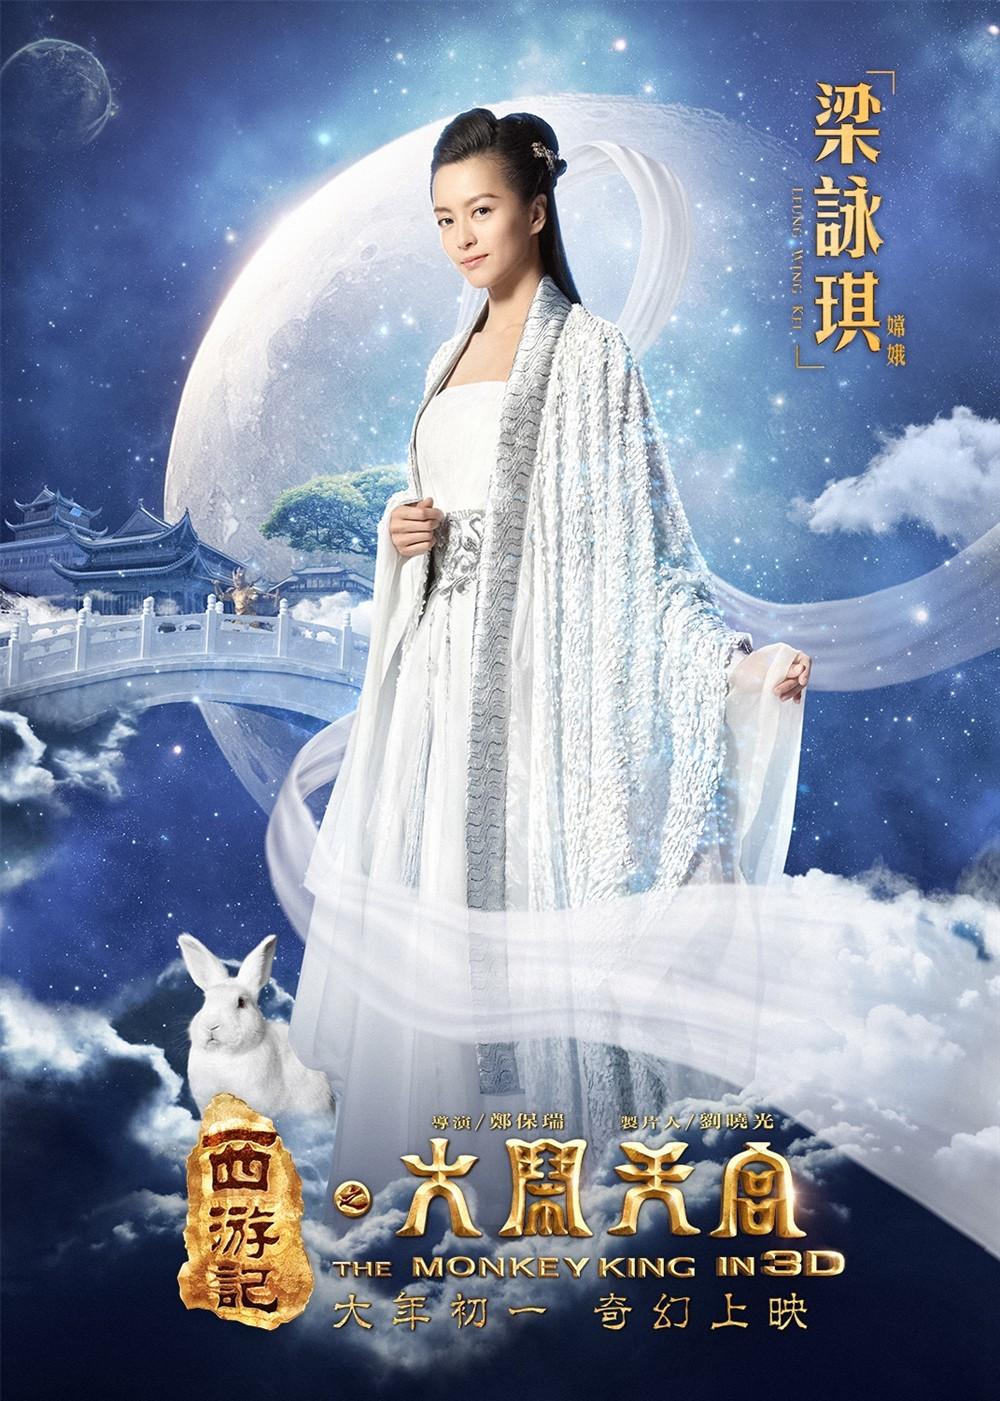 嫦娥 演员梁咏琪 后羿的妻子